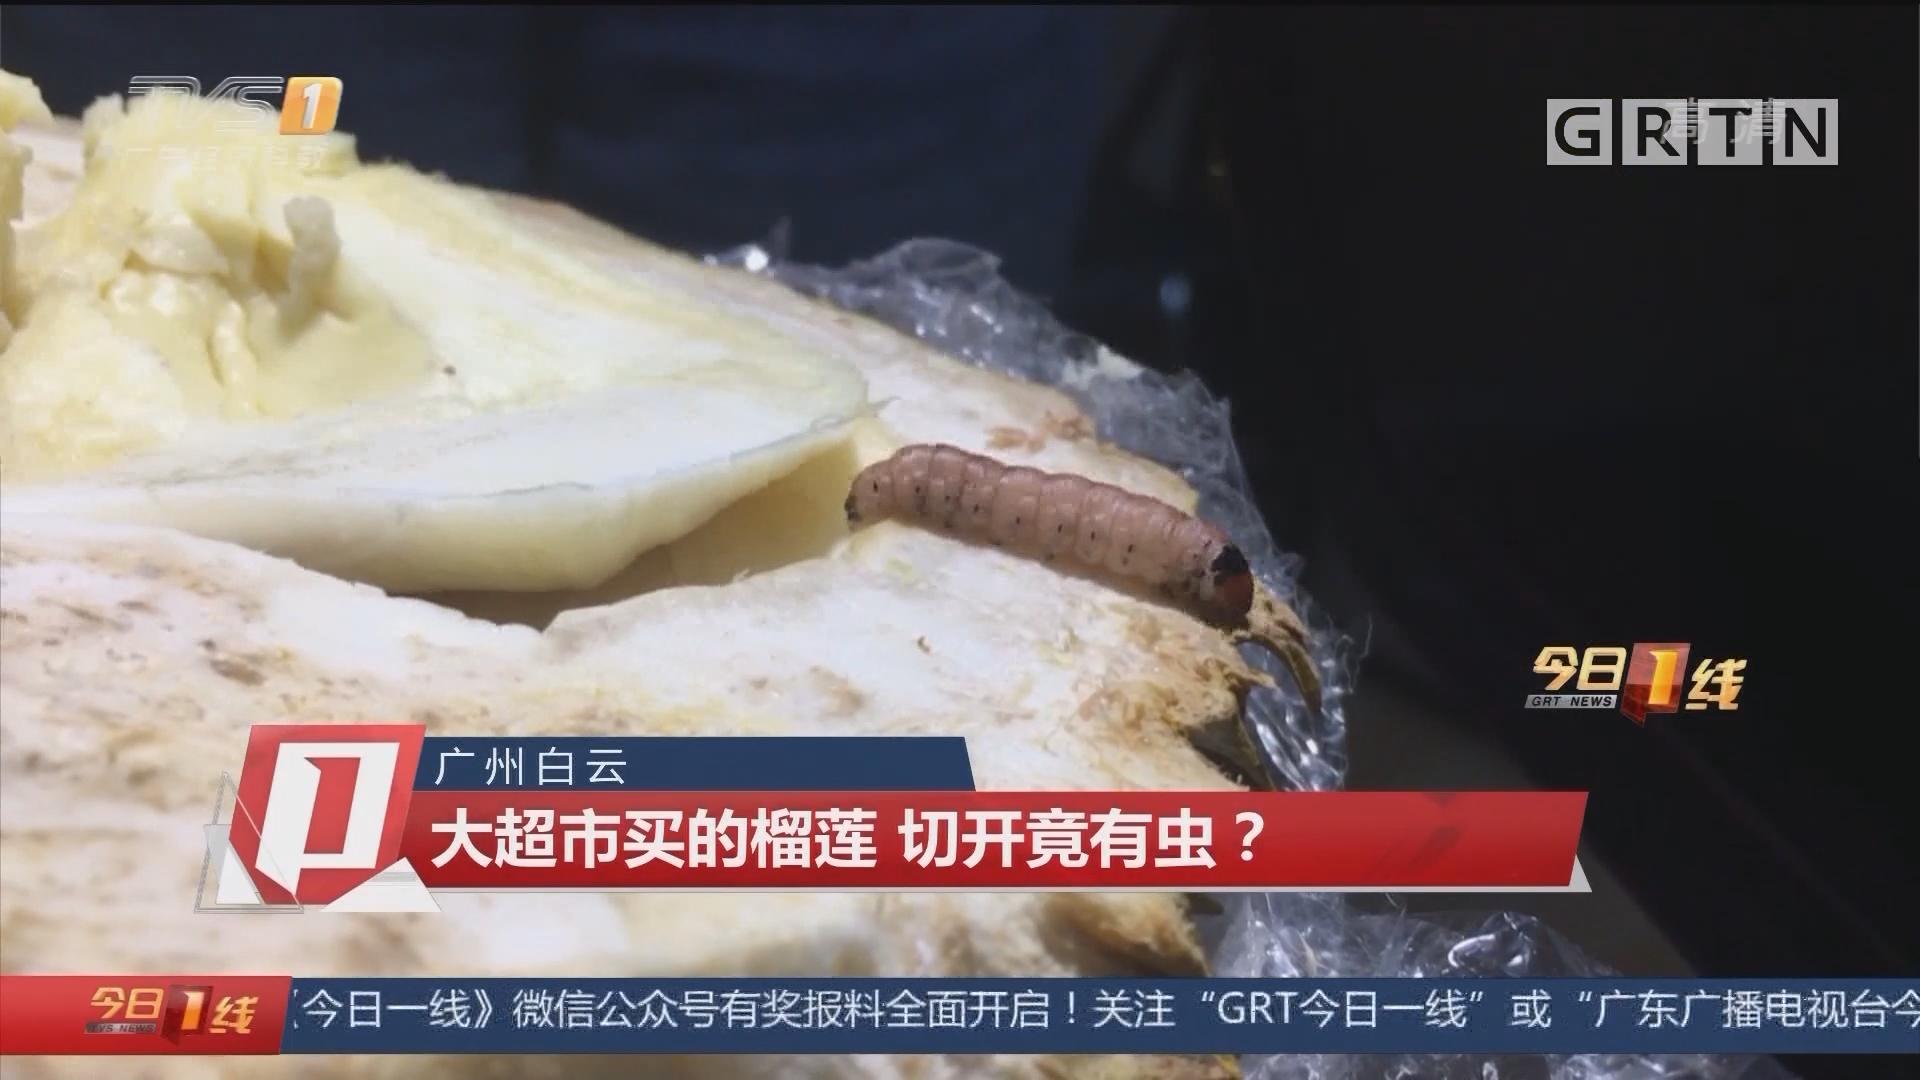 广州白云:大超市买的榴莲 切开竟有虫?